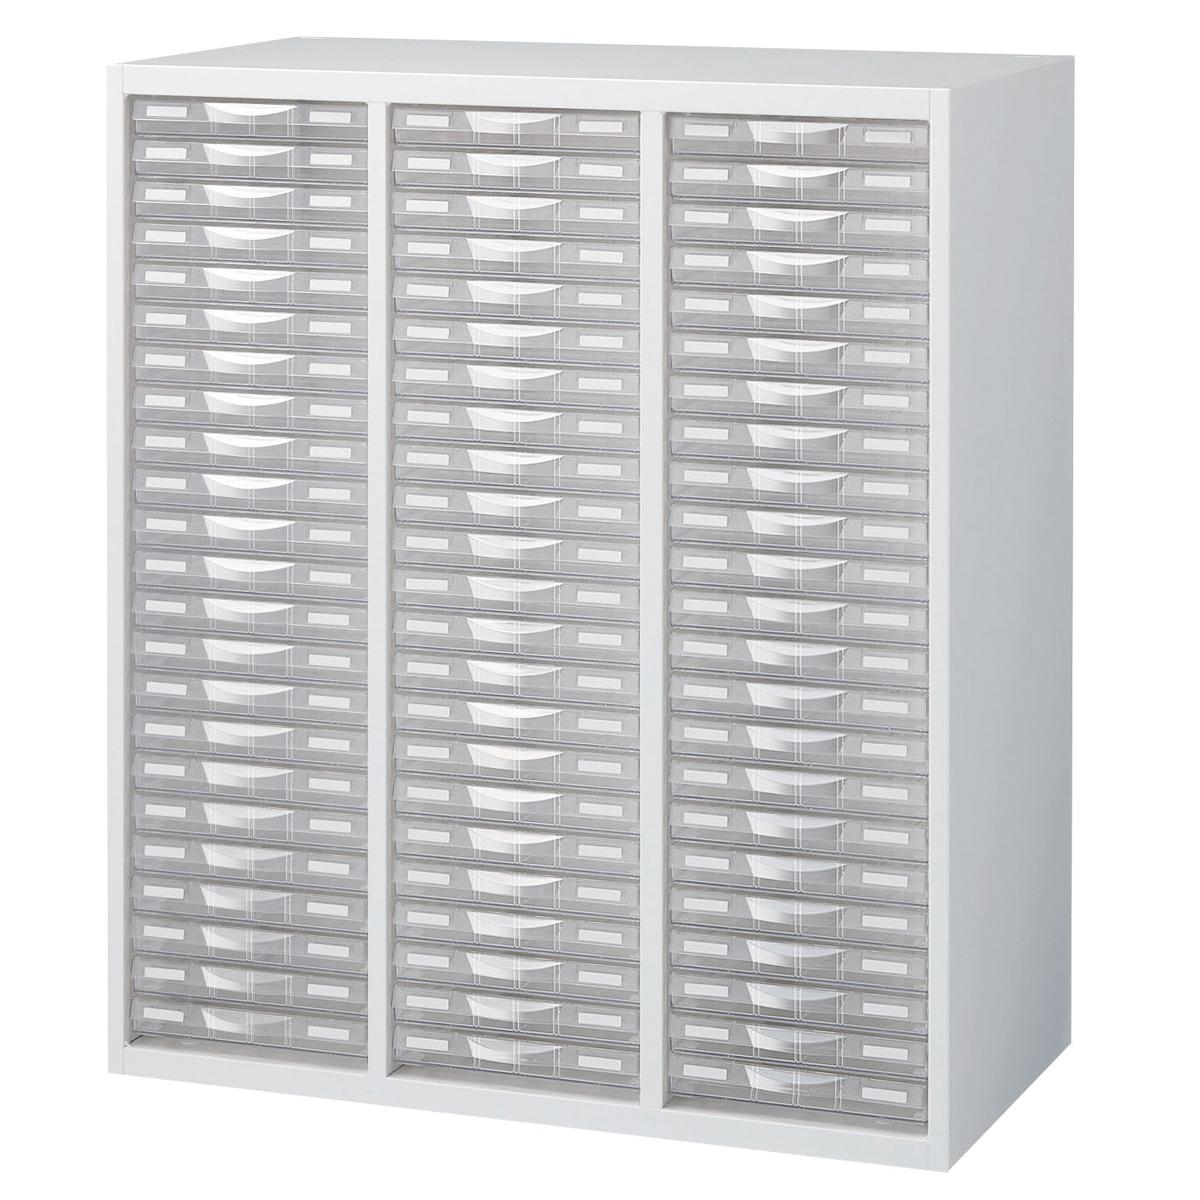 <お取り寄せ品※代引きキャンセル不可> プラスチック キャビネット RW5-N10C69 【 用紙 工具 整理 棚 収納 多目的 システム収納棚 】